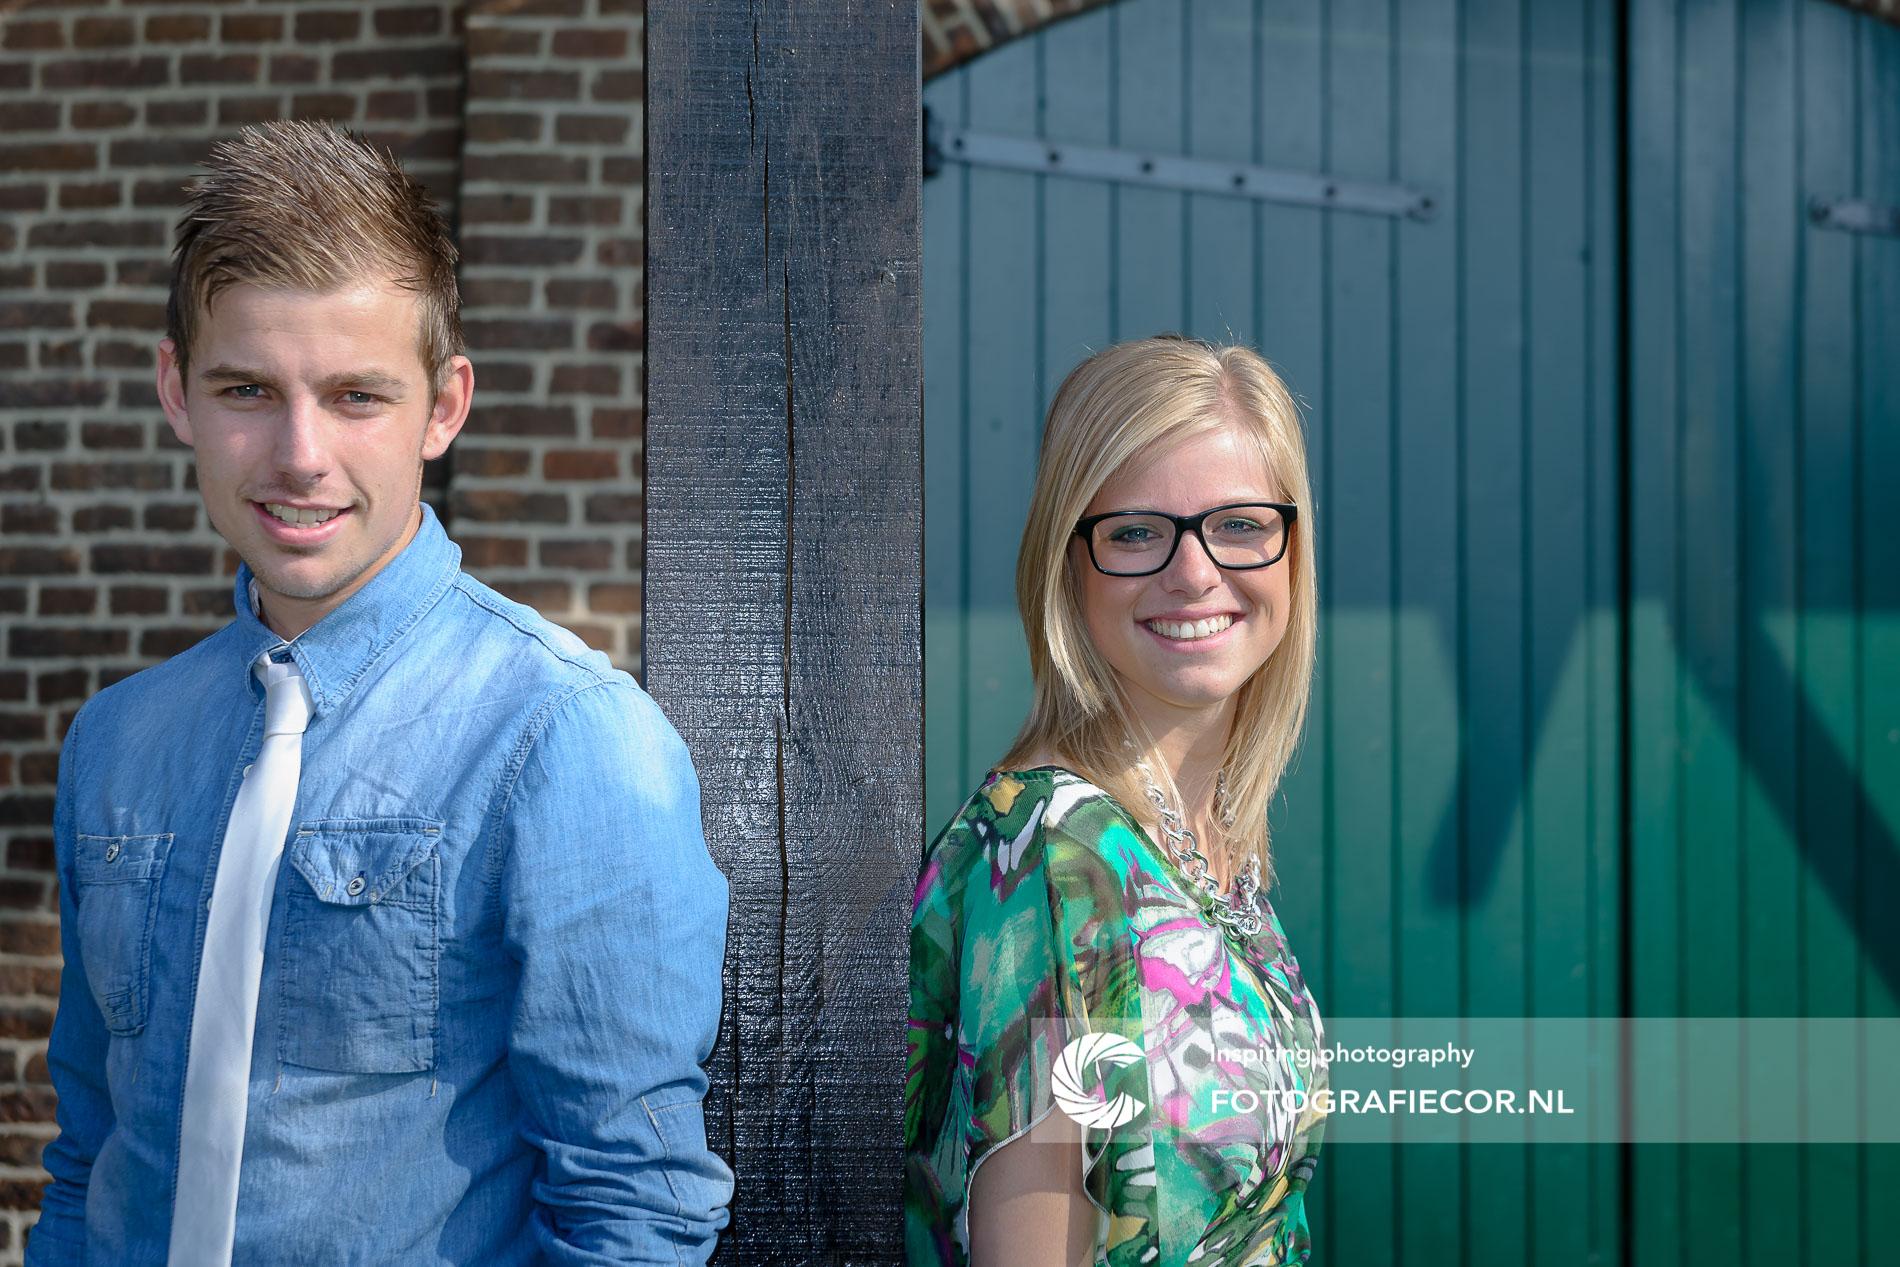 Kledingadvies | Familieshoot broer & zus Zalk, Kampen